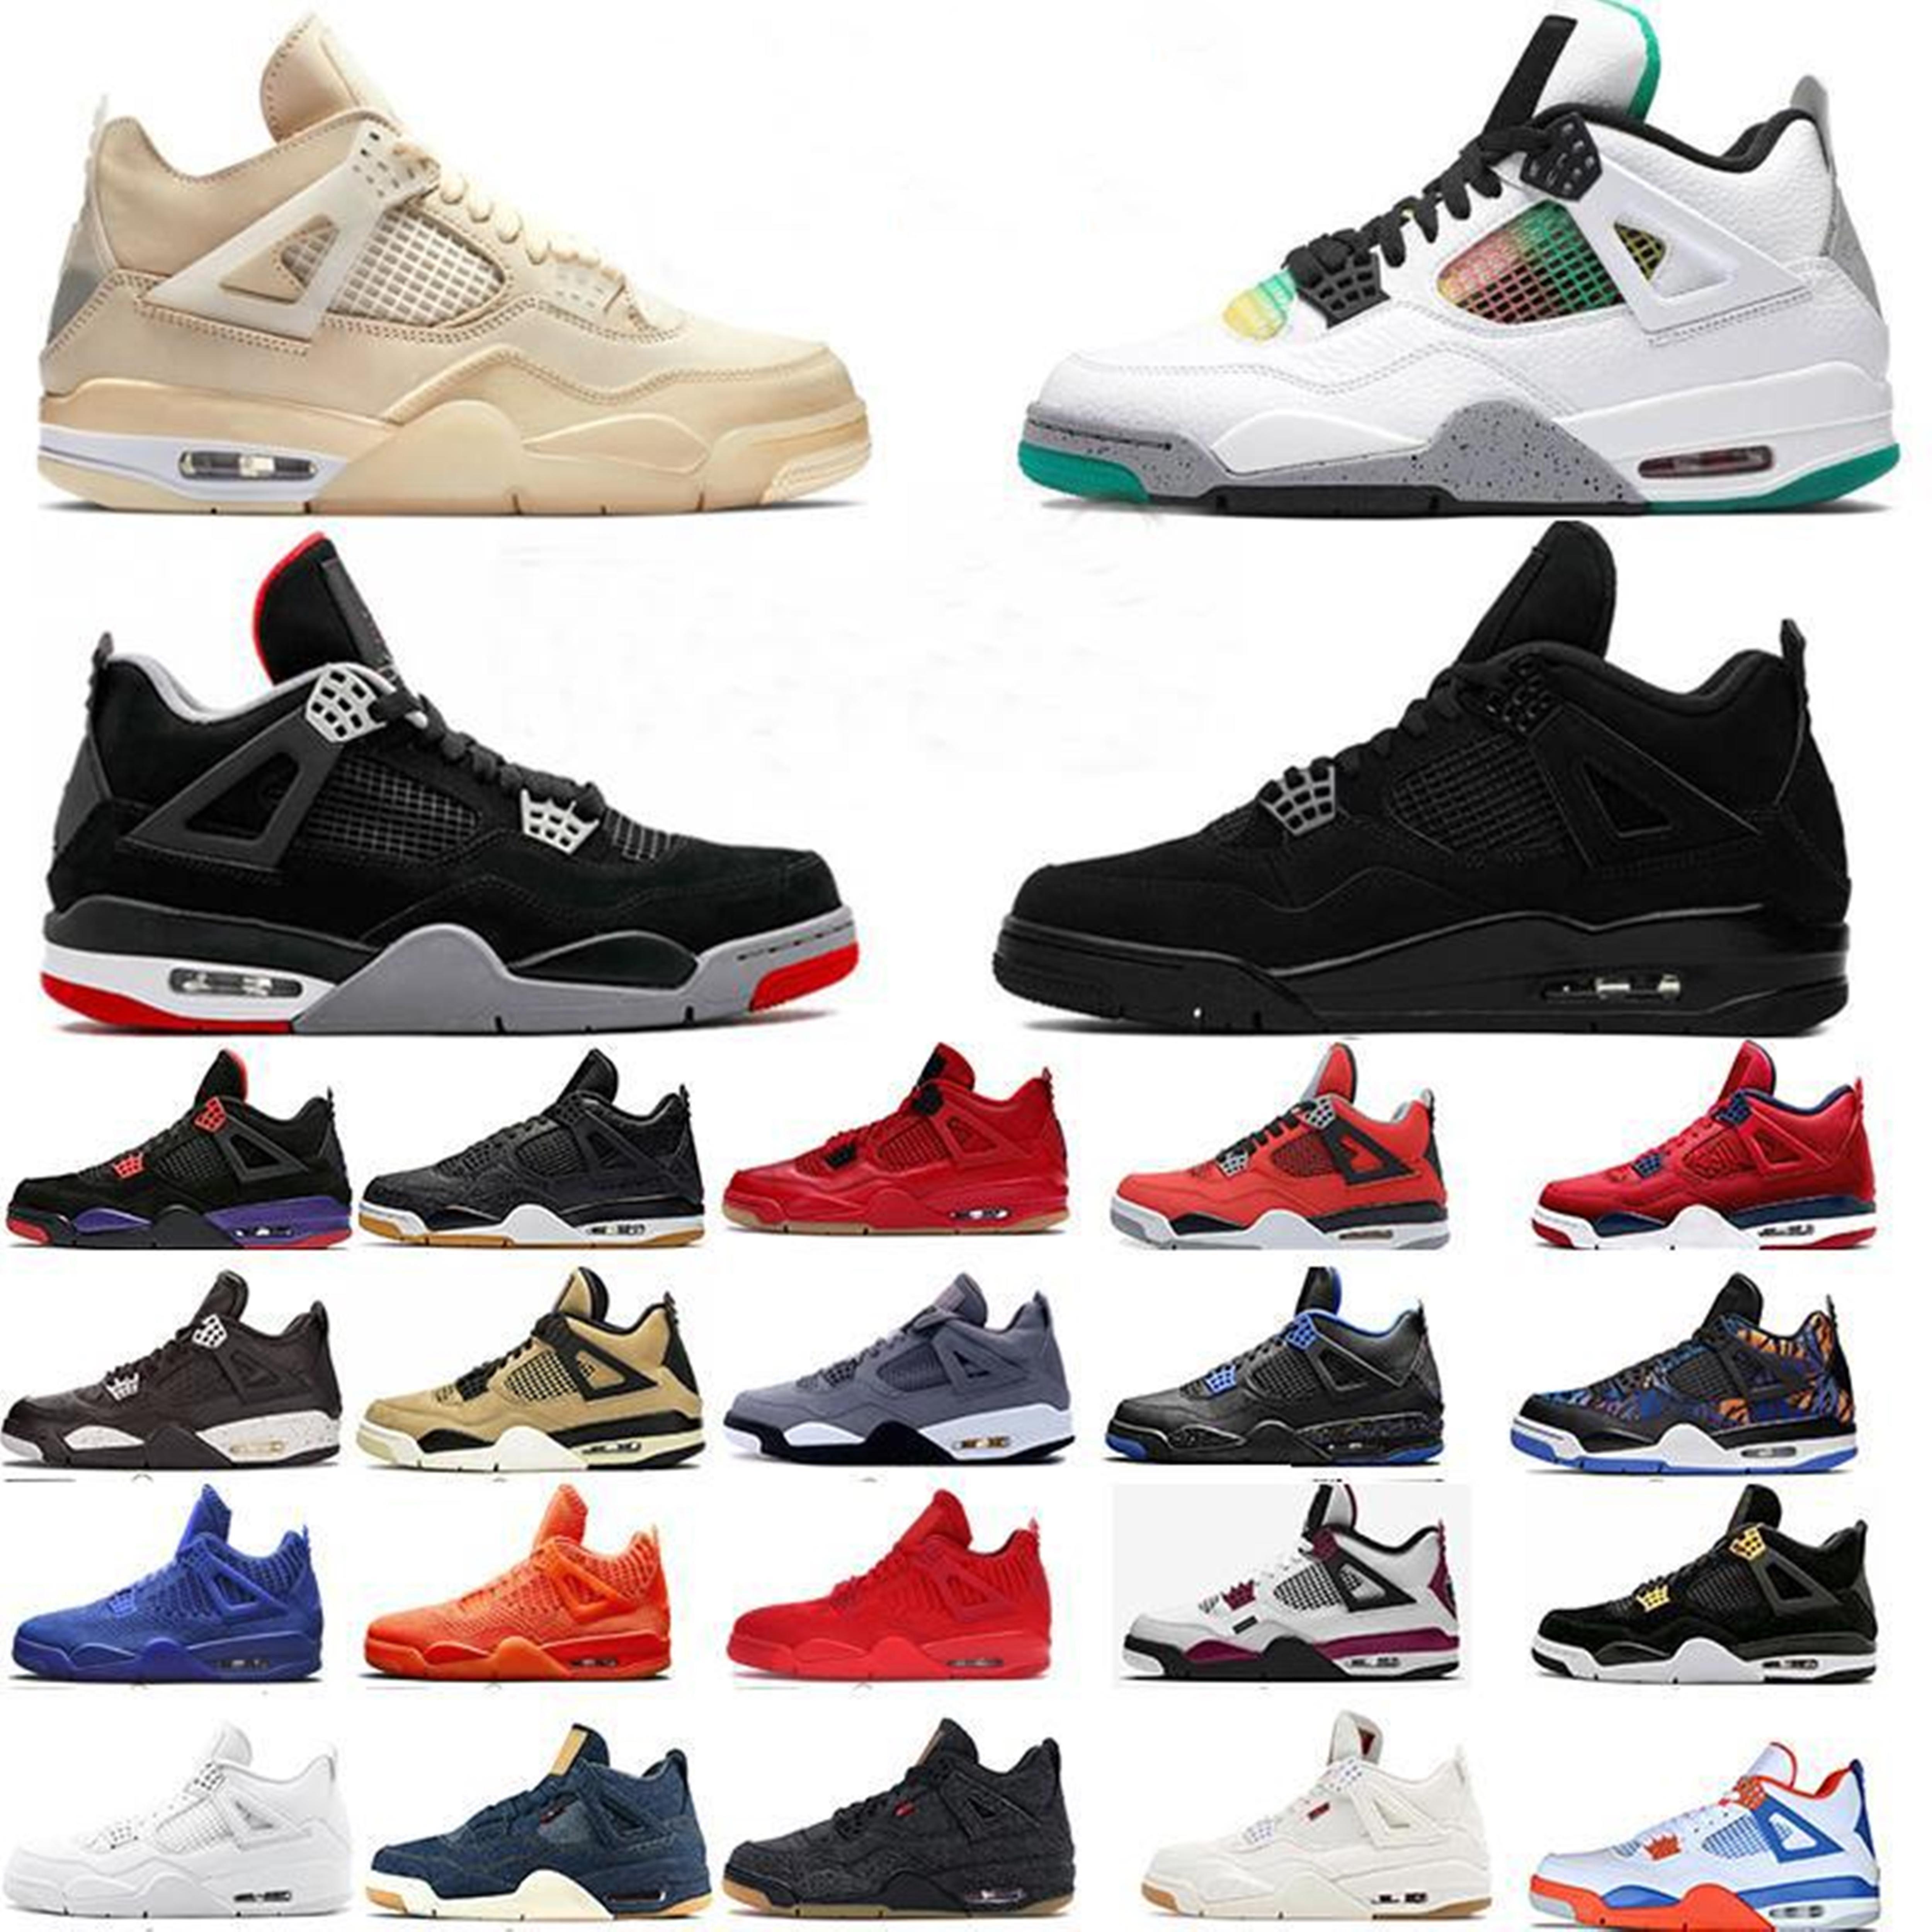 뜨거운 스포츠 신발 4 여자 망 농구 신발 4s 새로운 점프 만 스 니 커 즈 검은 고양이 화재 빨간색 버린 IV 선인장 잭 트레이너